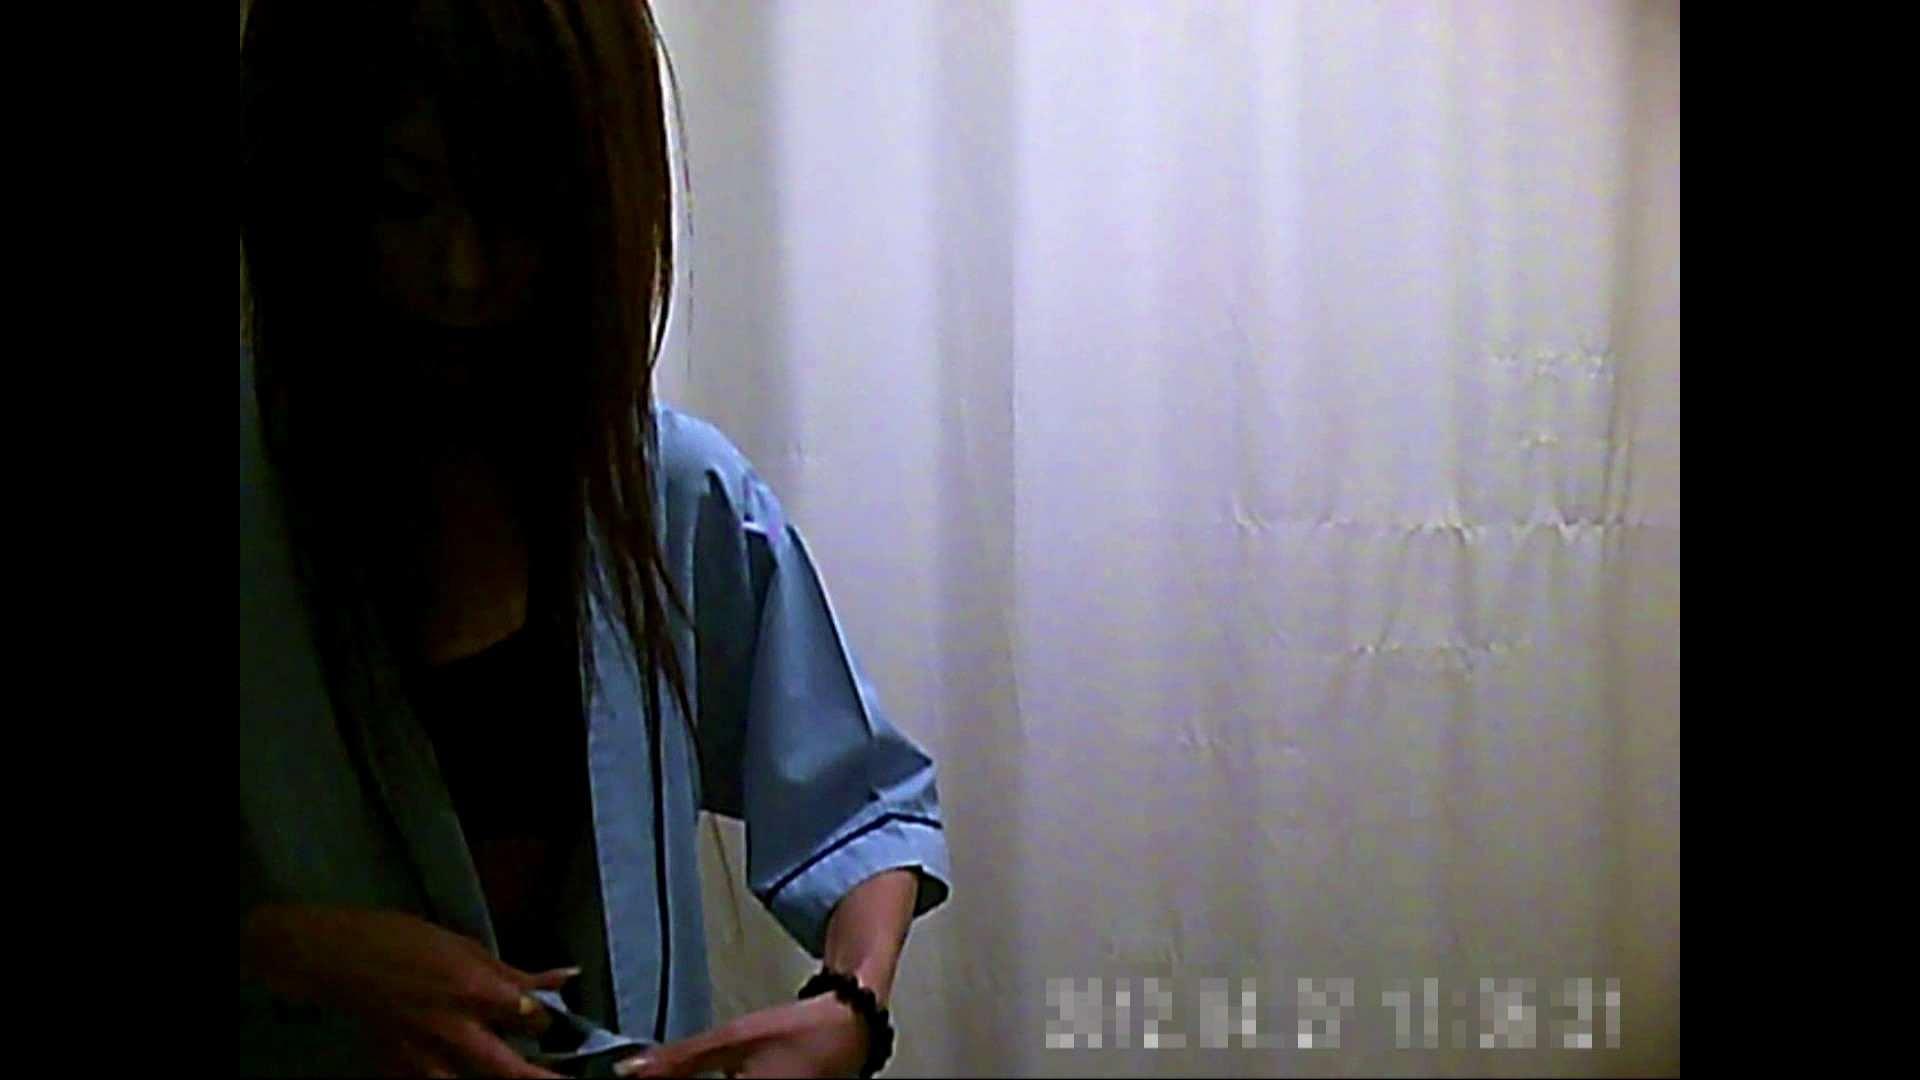 病院おもいっきり着替え! vol.290 巨乳 盗み撮りAV無料動画キャプチャ 49画像 40